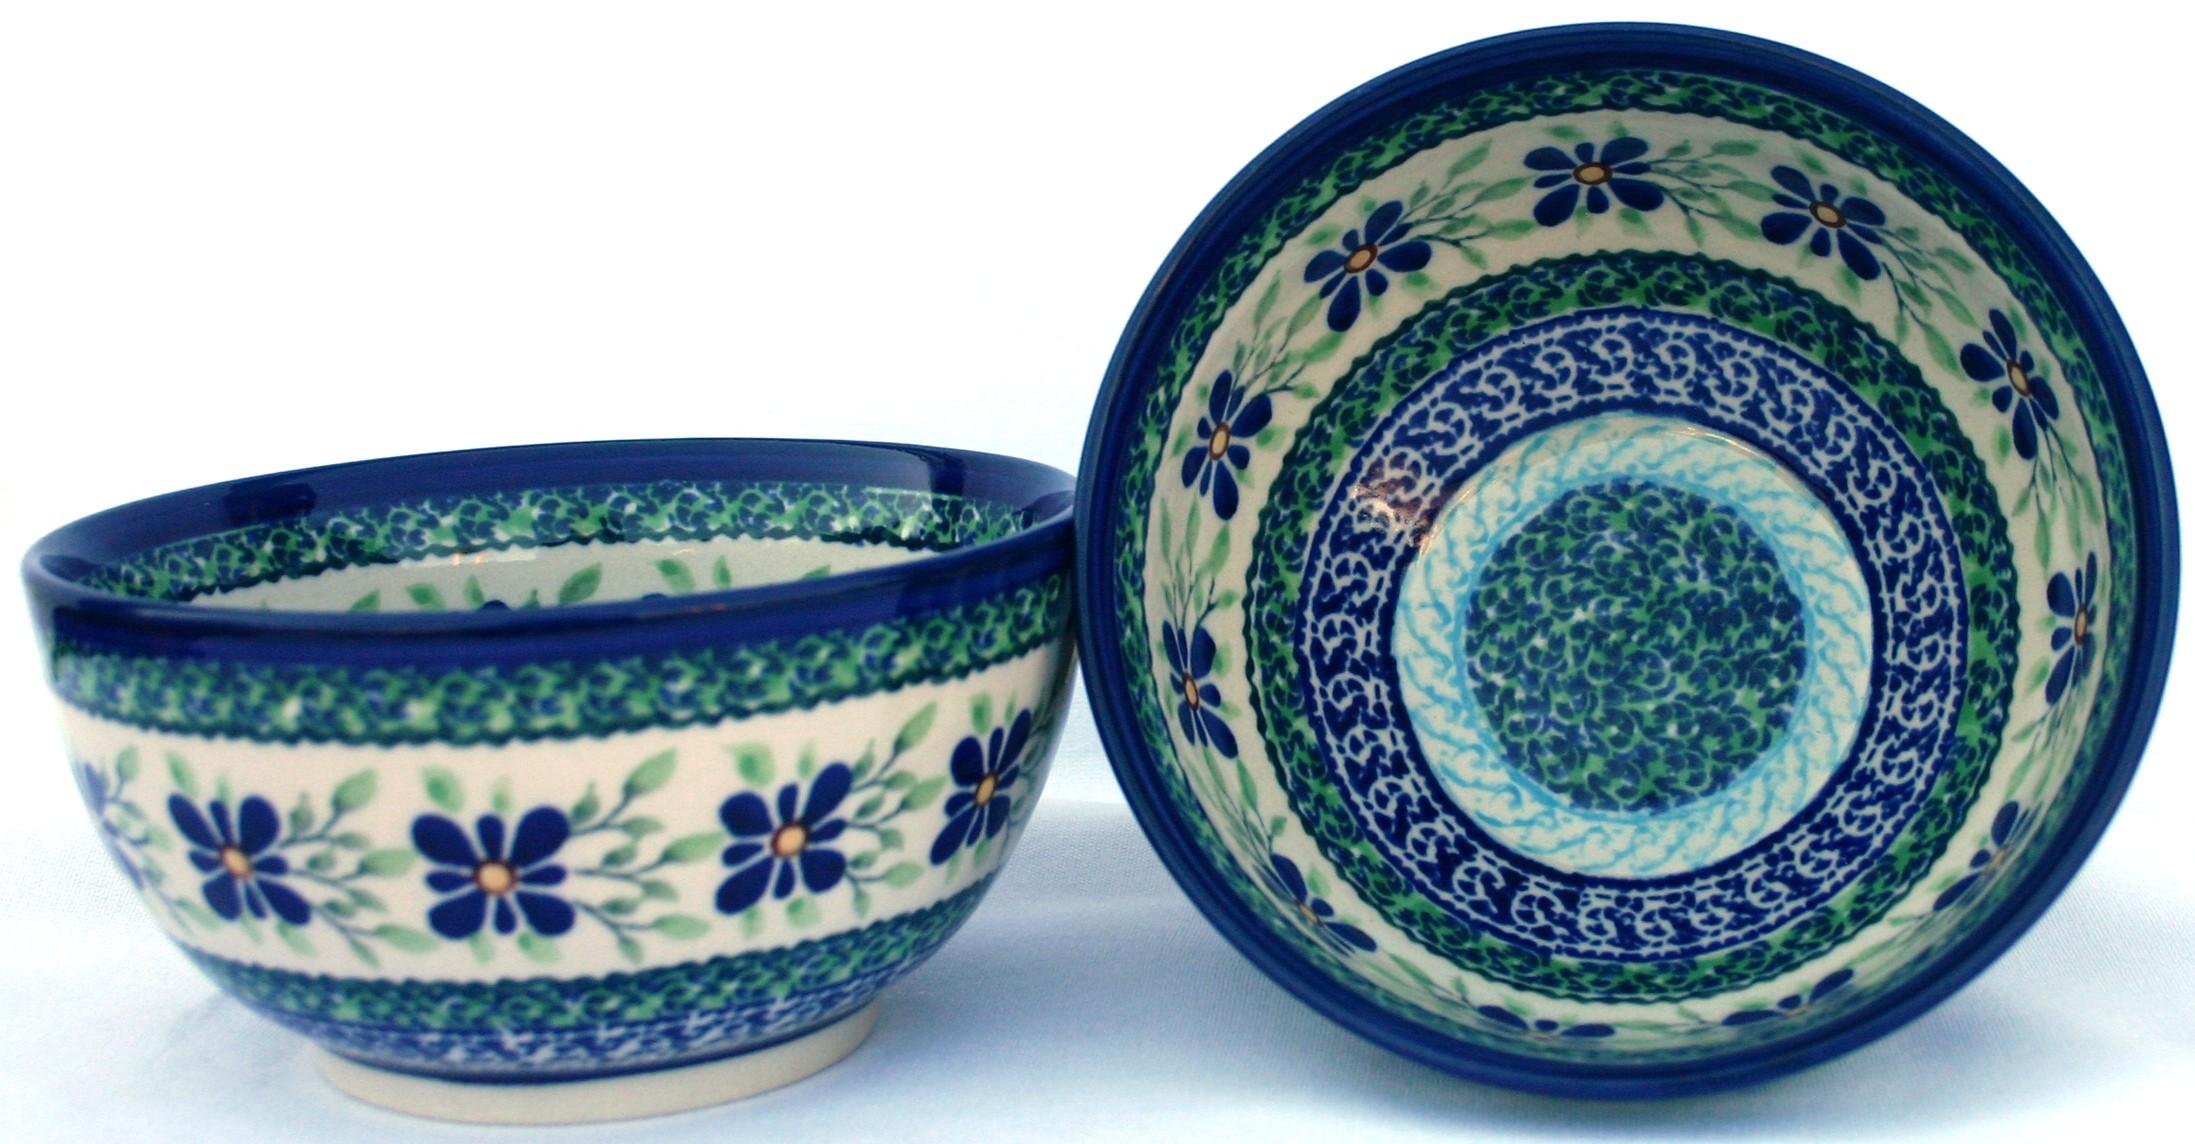 Pottery Avenue 2 Cup Stoneware Cereal Bowl 971-DU121 Dearest Friend